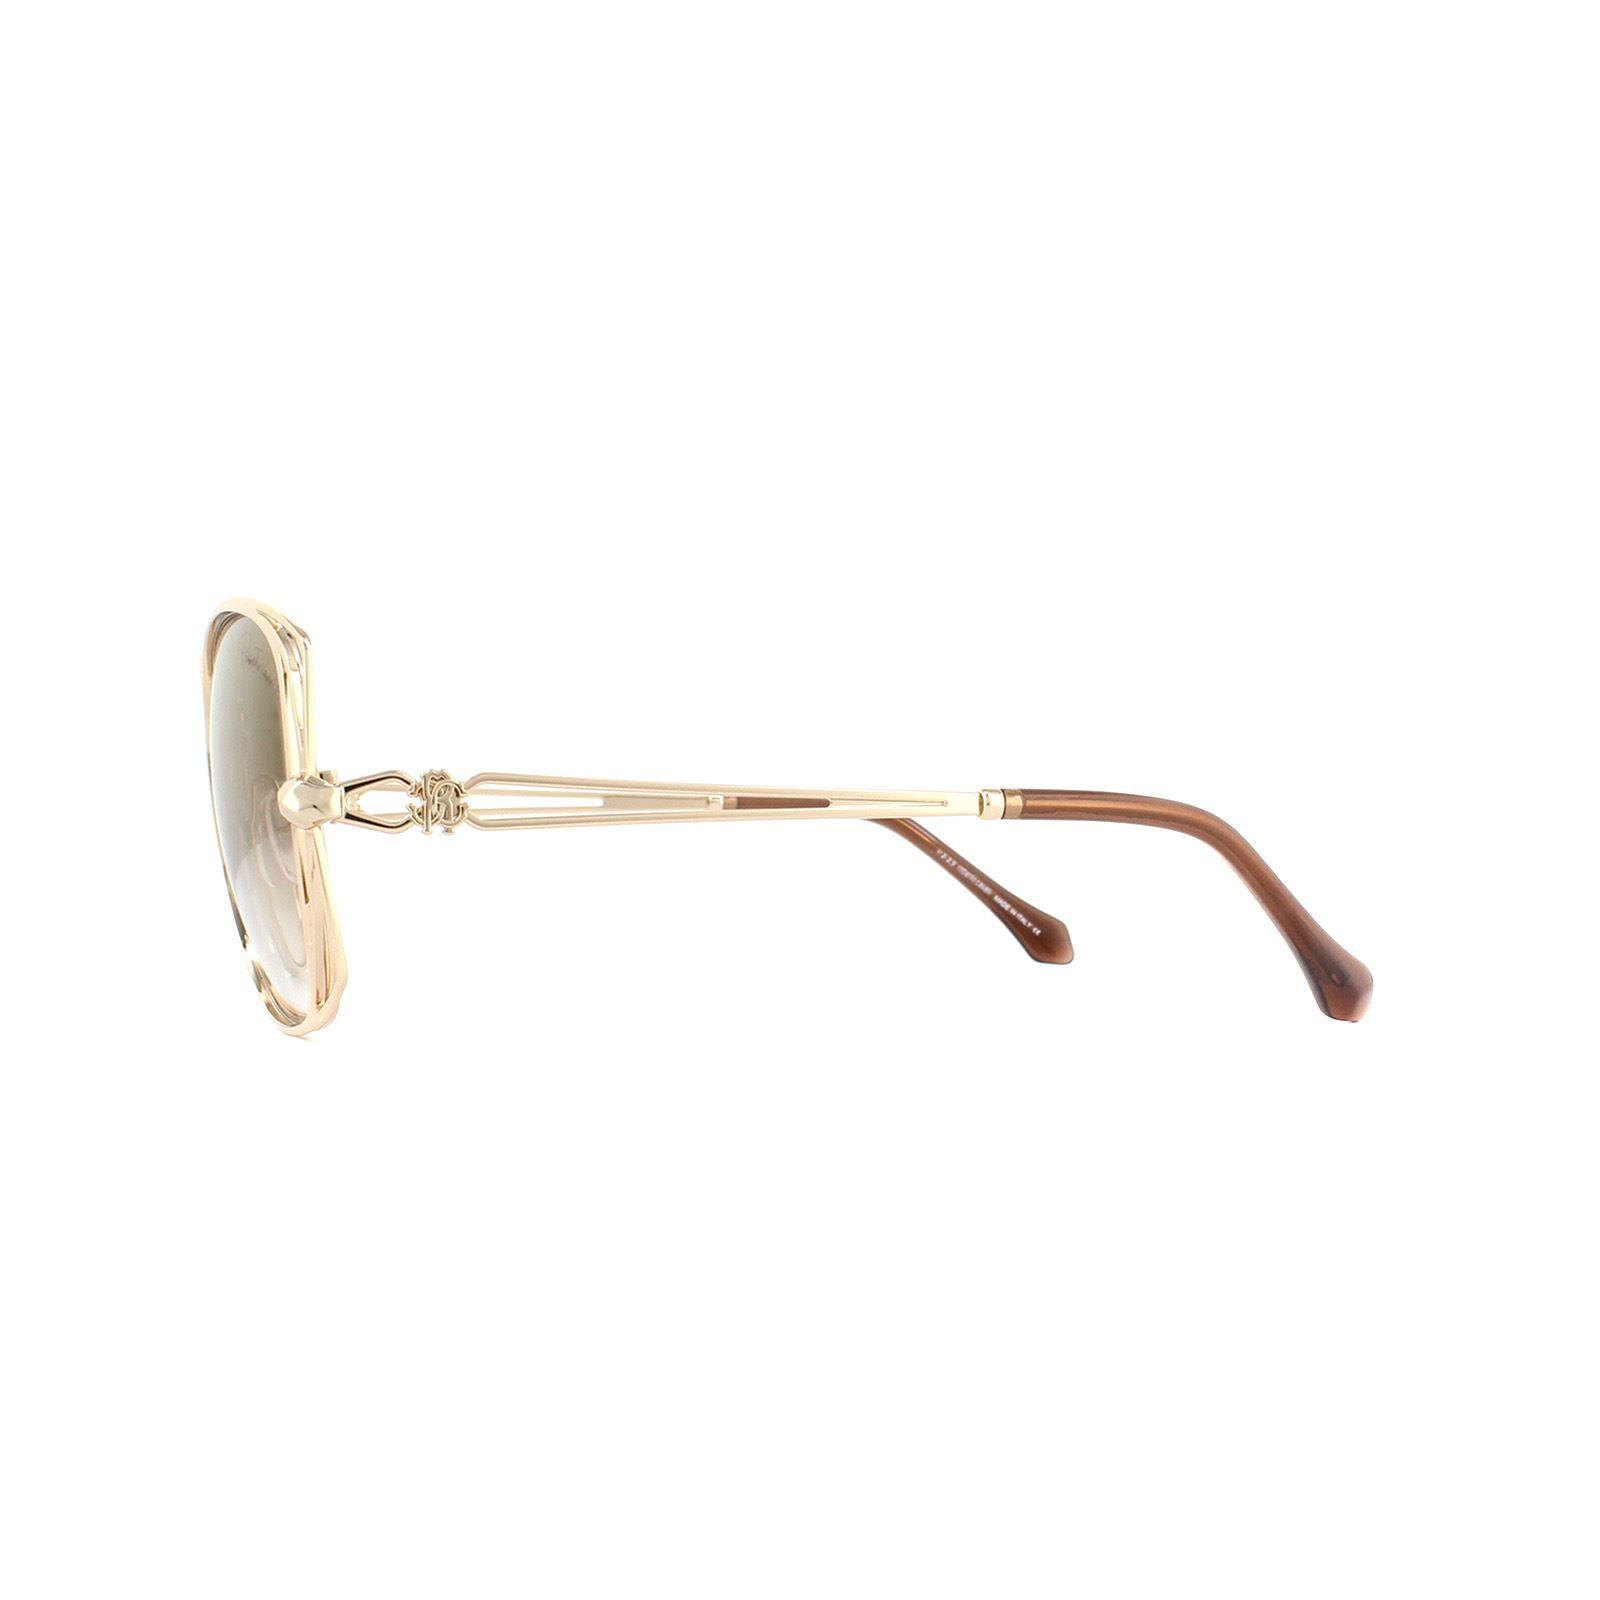 Roberto Cavalli Sunglasses Casentino RC1031 28G Gold Brown Gold Mirror